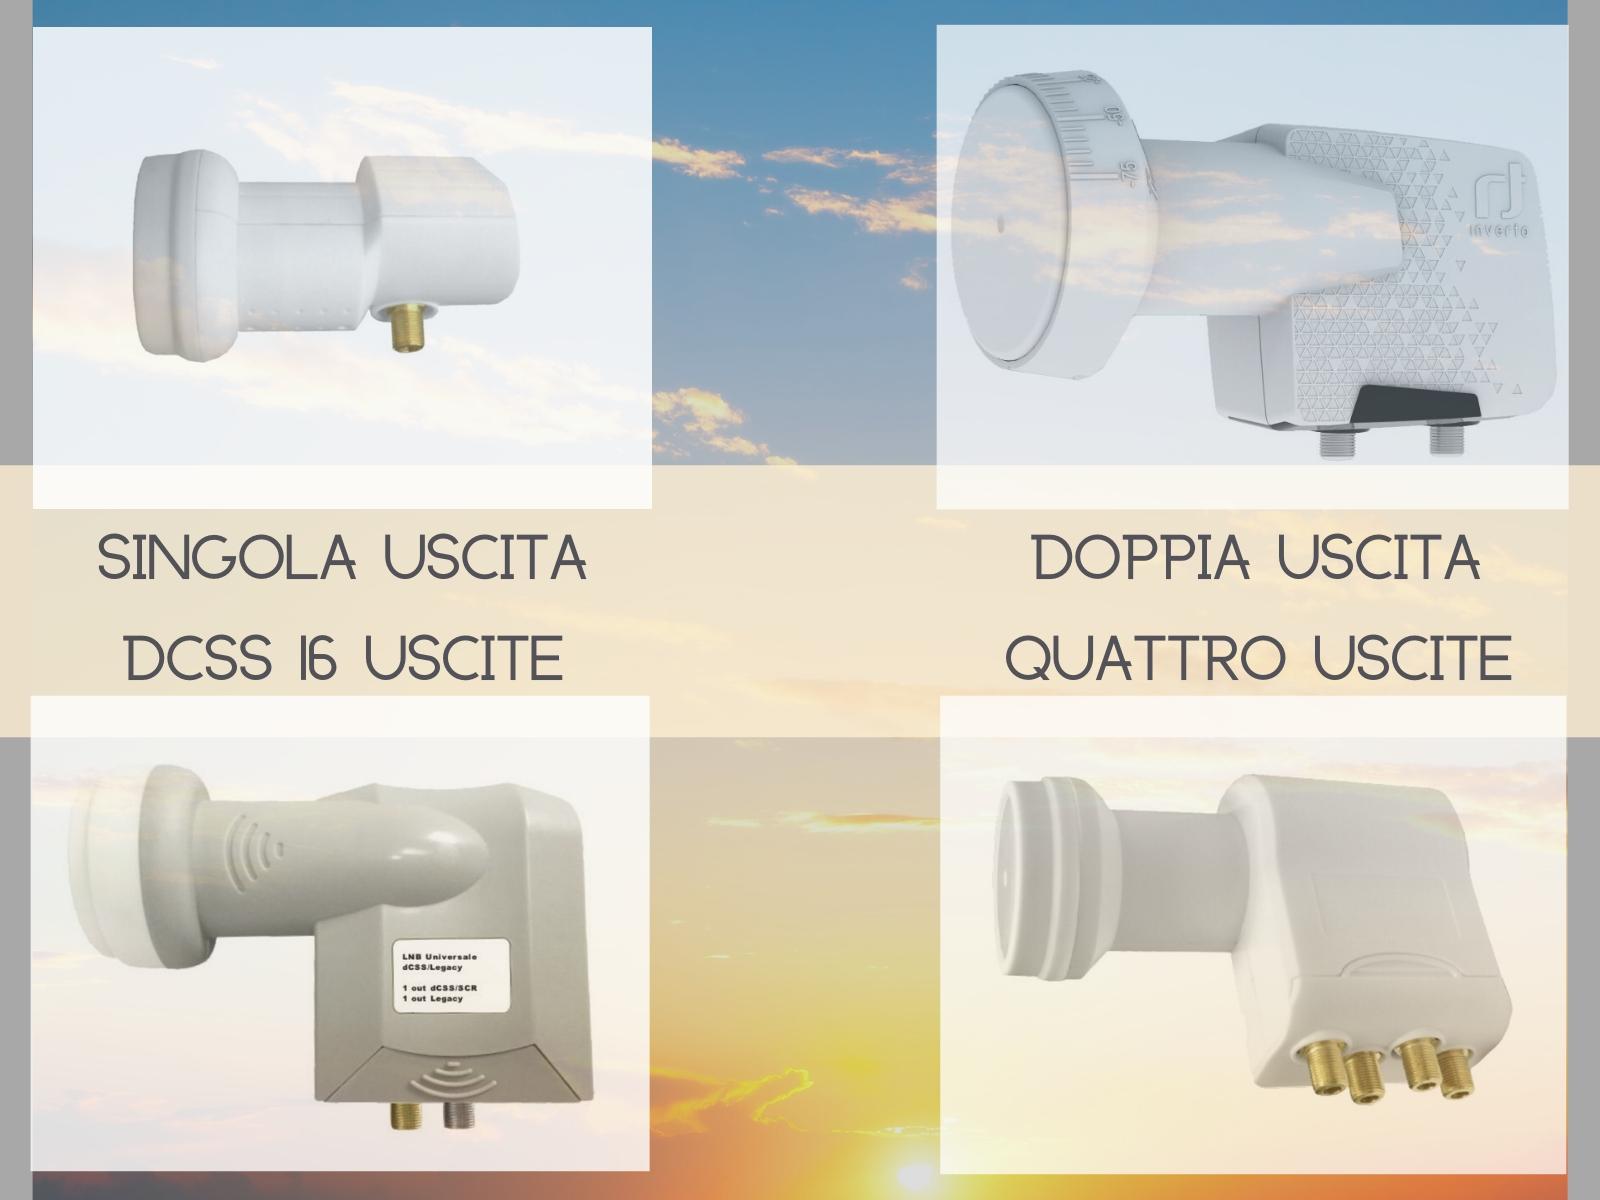 Convertitori per satellite dal singolo al centralizzato